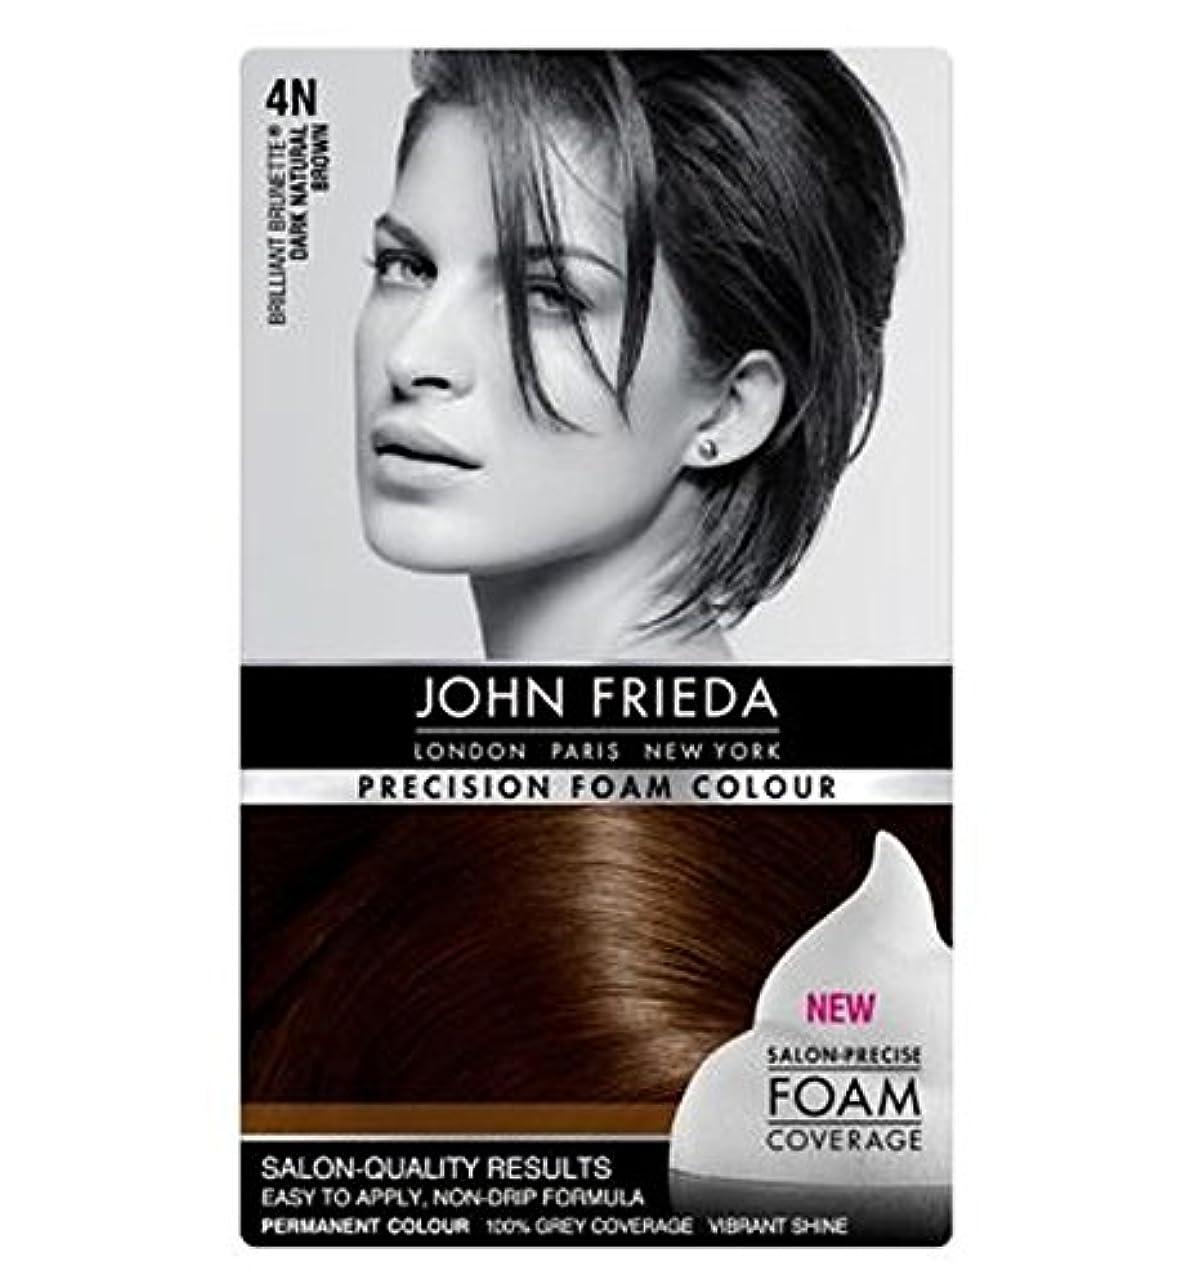 良心的プラグ大声でジョン?フリーダ精密泡カラー4Nのダークナチュラルブラウン (John Frieda) (x2) - John Frieda Precision Foam Colour 4N Dark Natural Brown (Pack of 2) [並行輸入品]